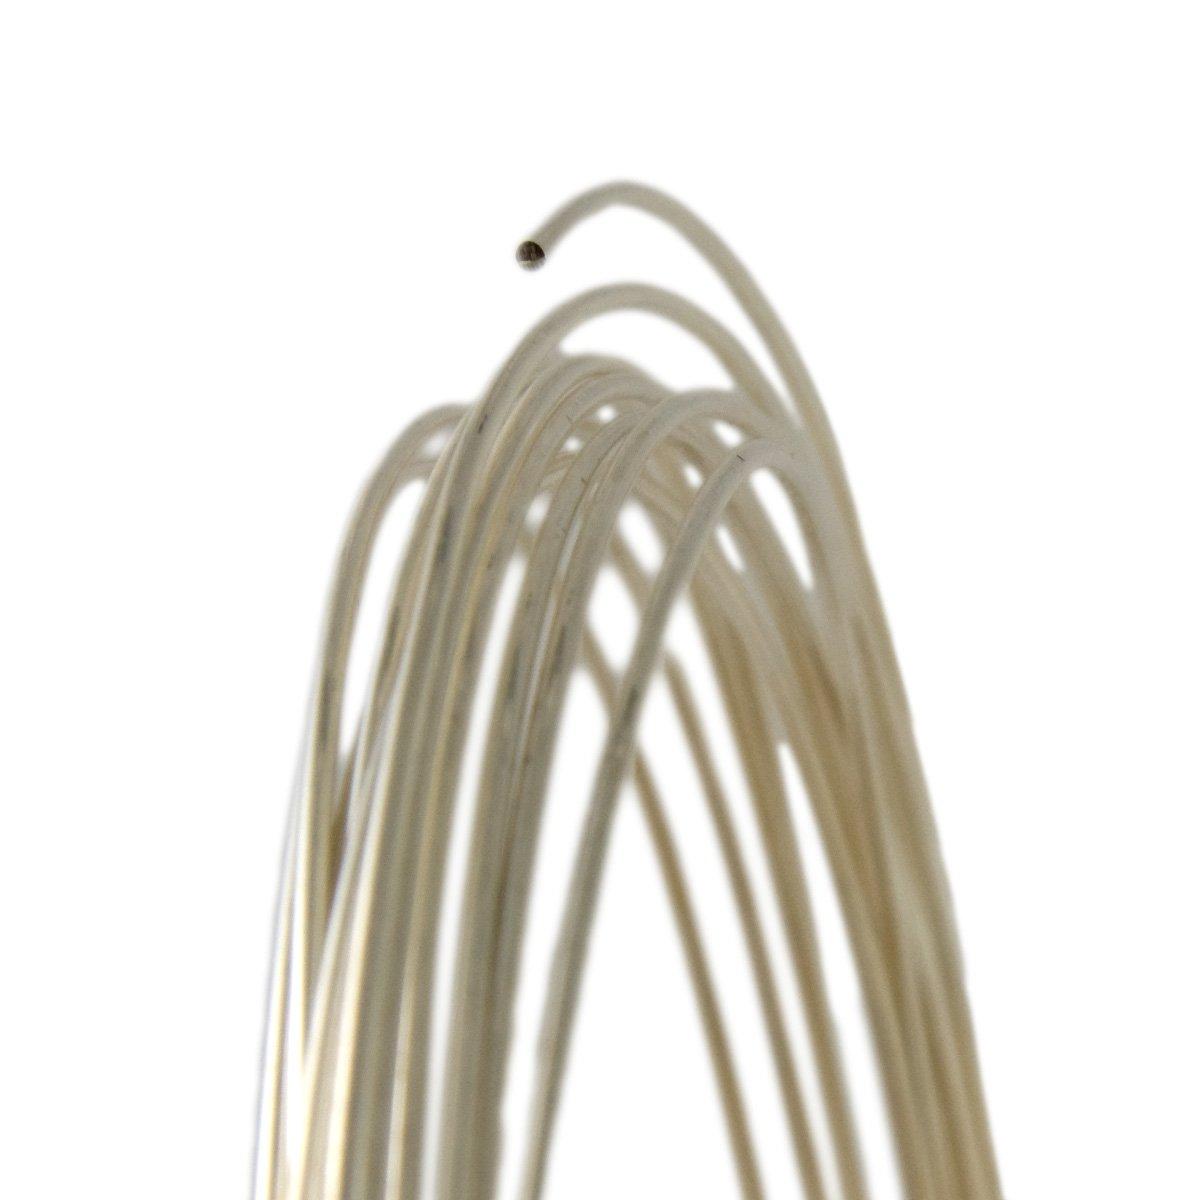 925 Sterling Silver Round Wire 24 gauge 0.5mm Half Hard 5ft